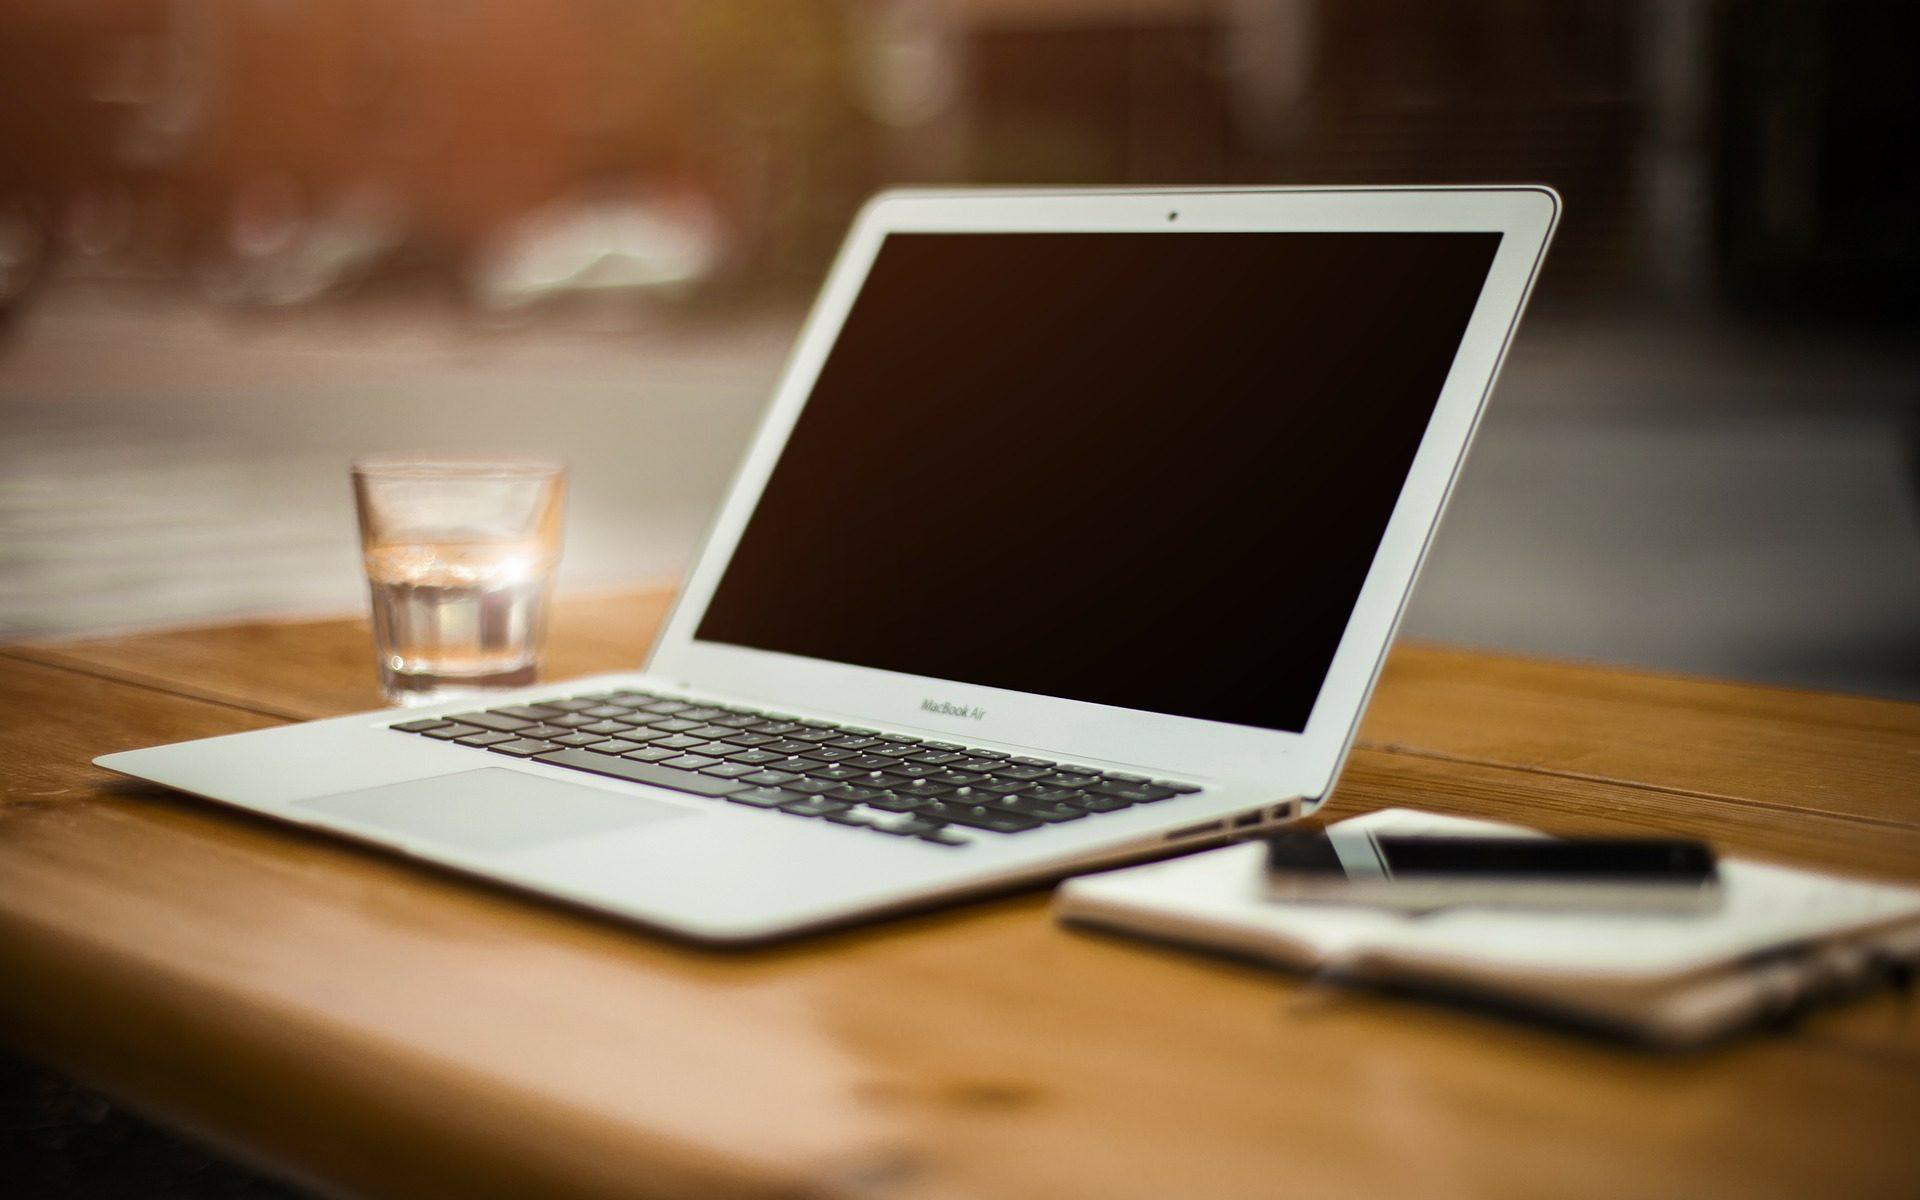 Omsorgsfull läsning av manus – lektörsutlåtande hos Imse Författarhjälp